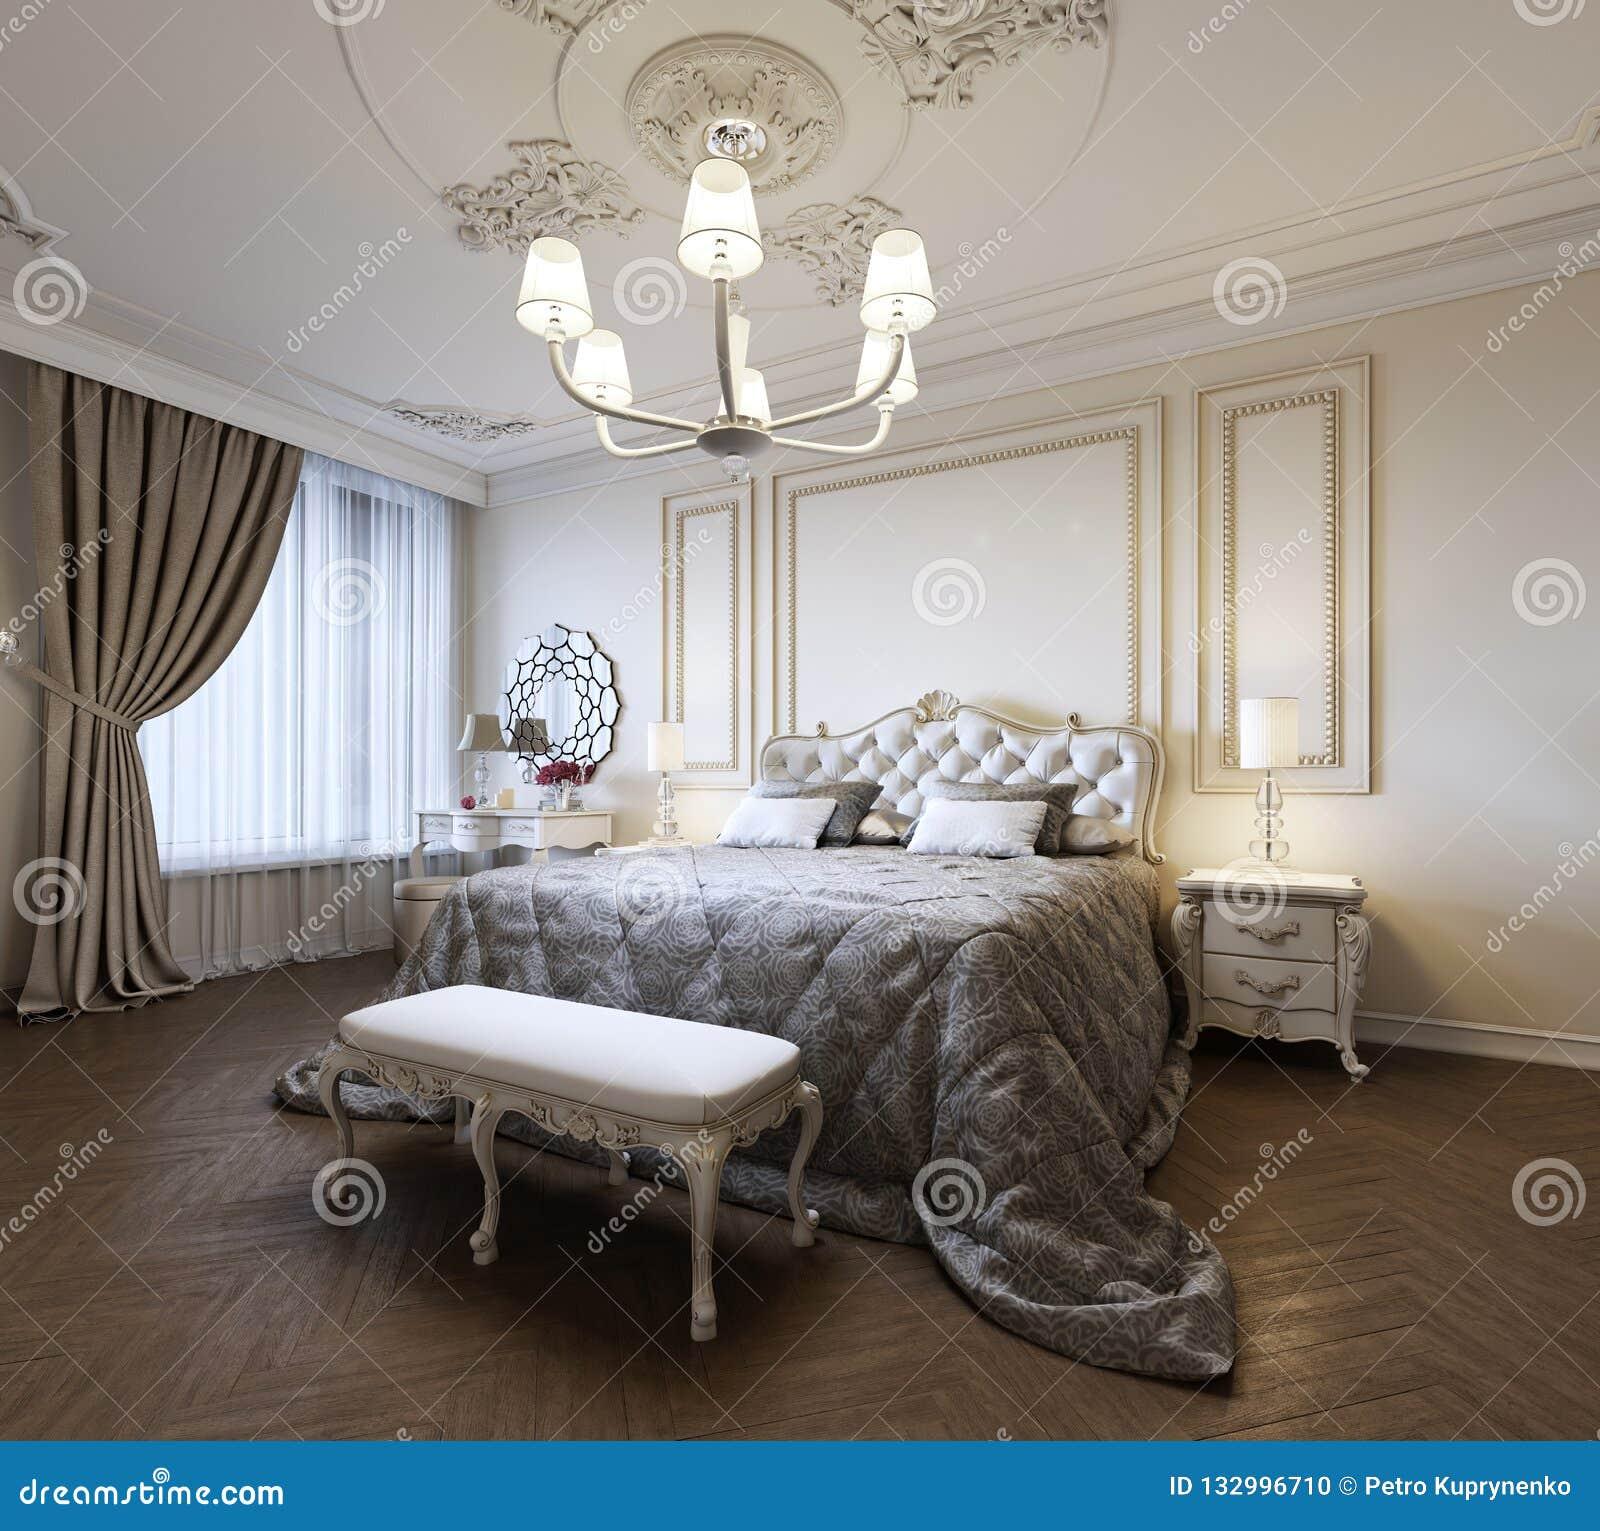 Diseño interior del dormitorio tradicional moderno contemporáneo urbano de la obra clásica con las paredes beige, los muebles ele